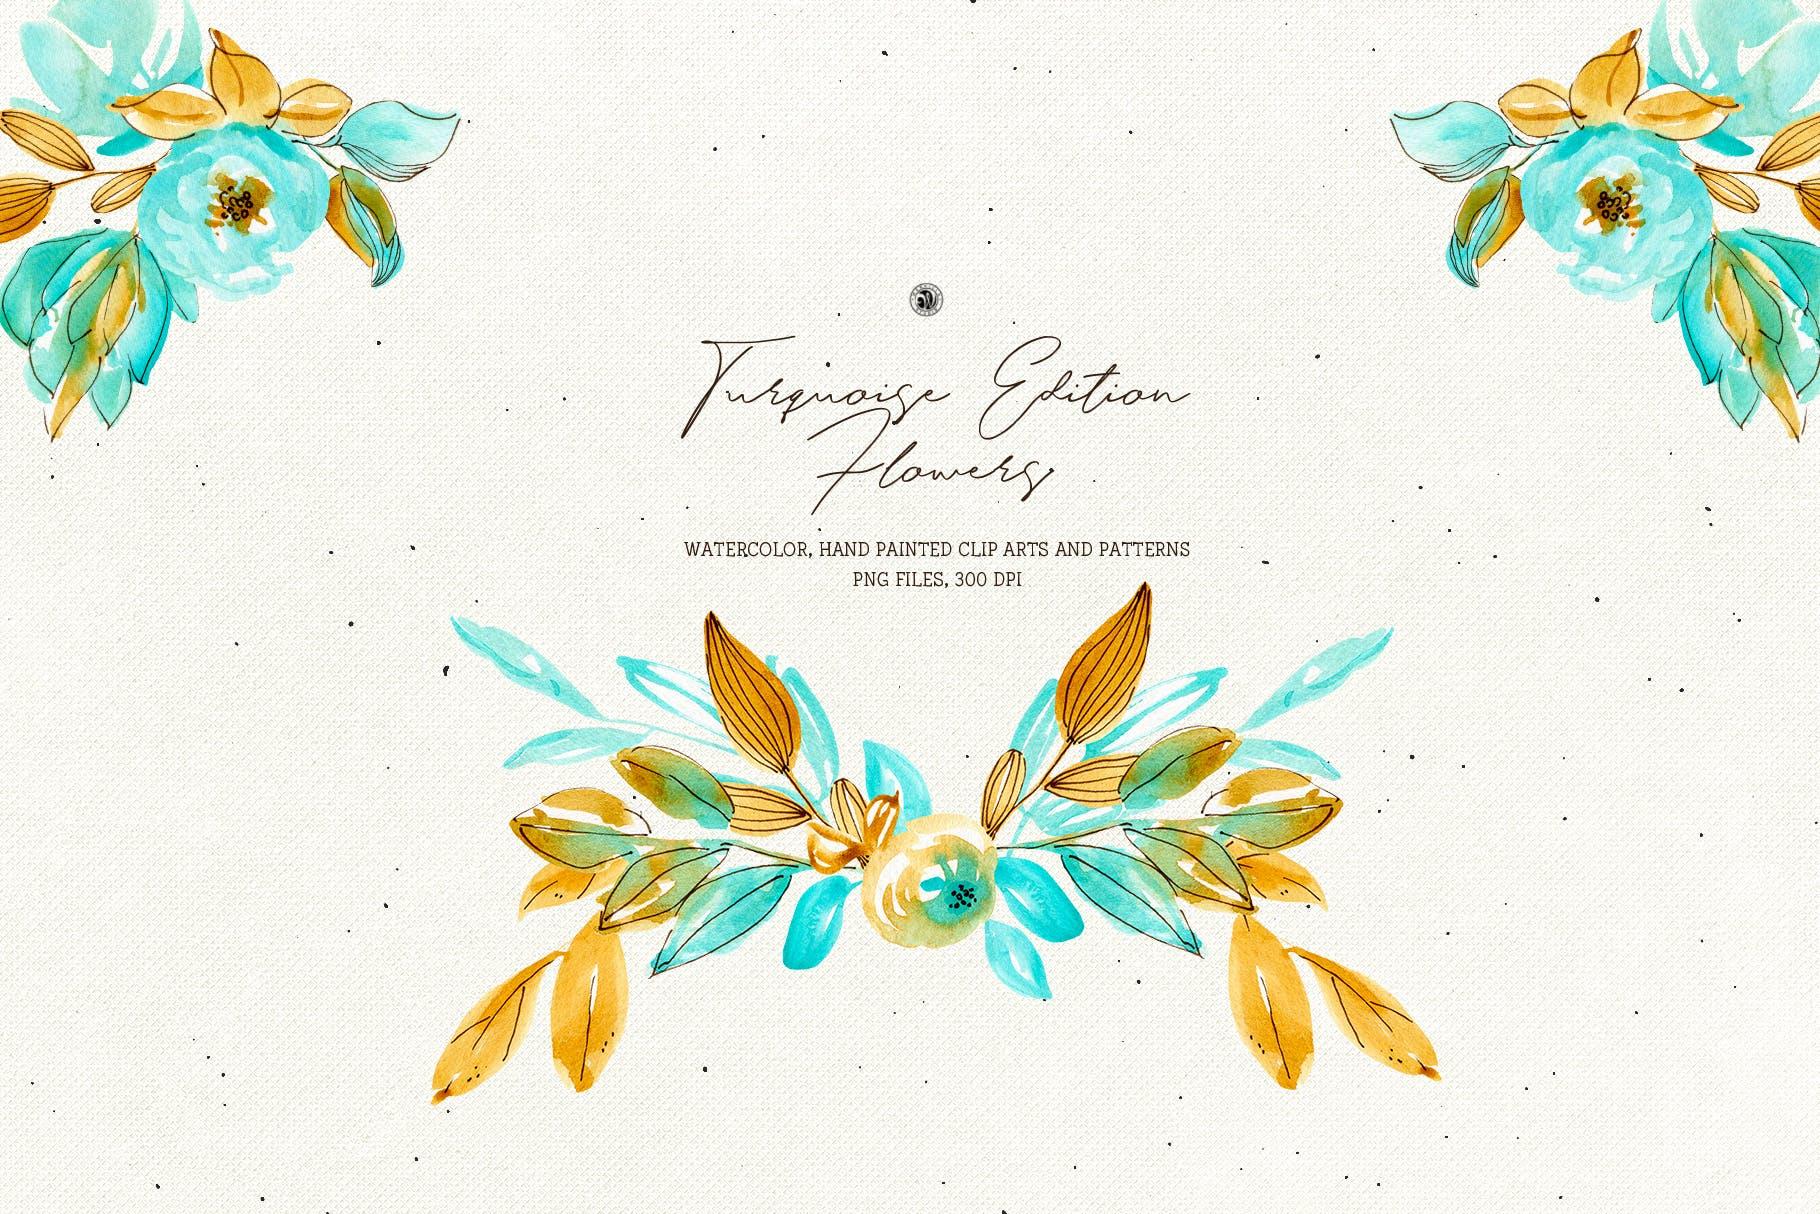 绿松石版水彩花/手绘水彩画/剪贴艺术图案Turquoise Edition Flowers插图(3)